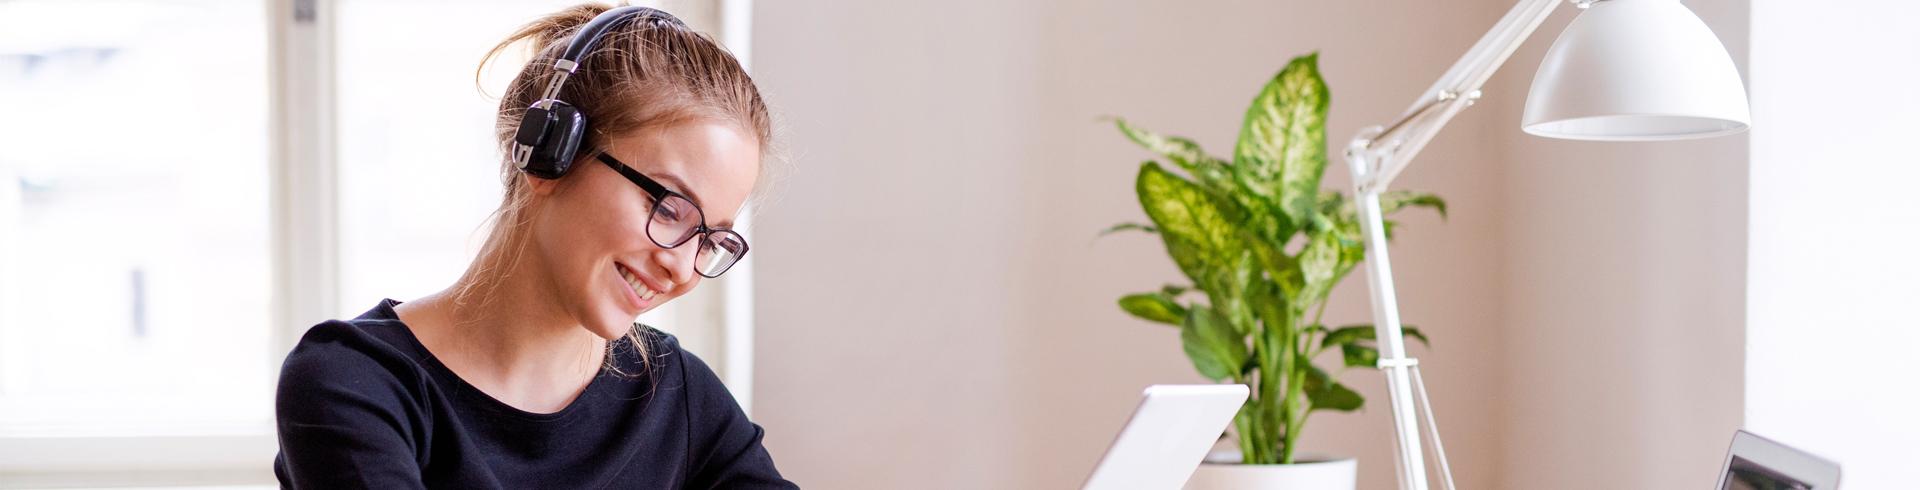 Imagen de una mujer mirando el dispositivo de tableta